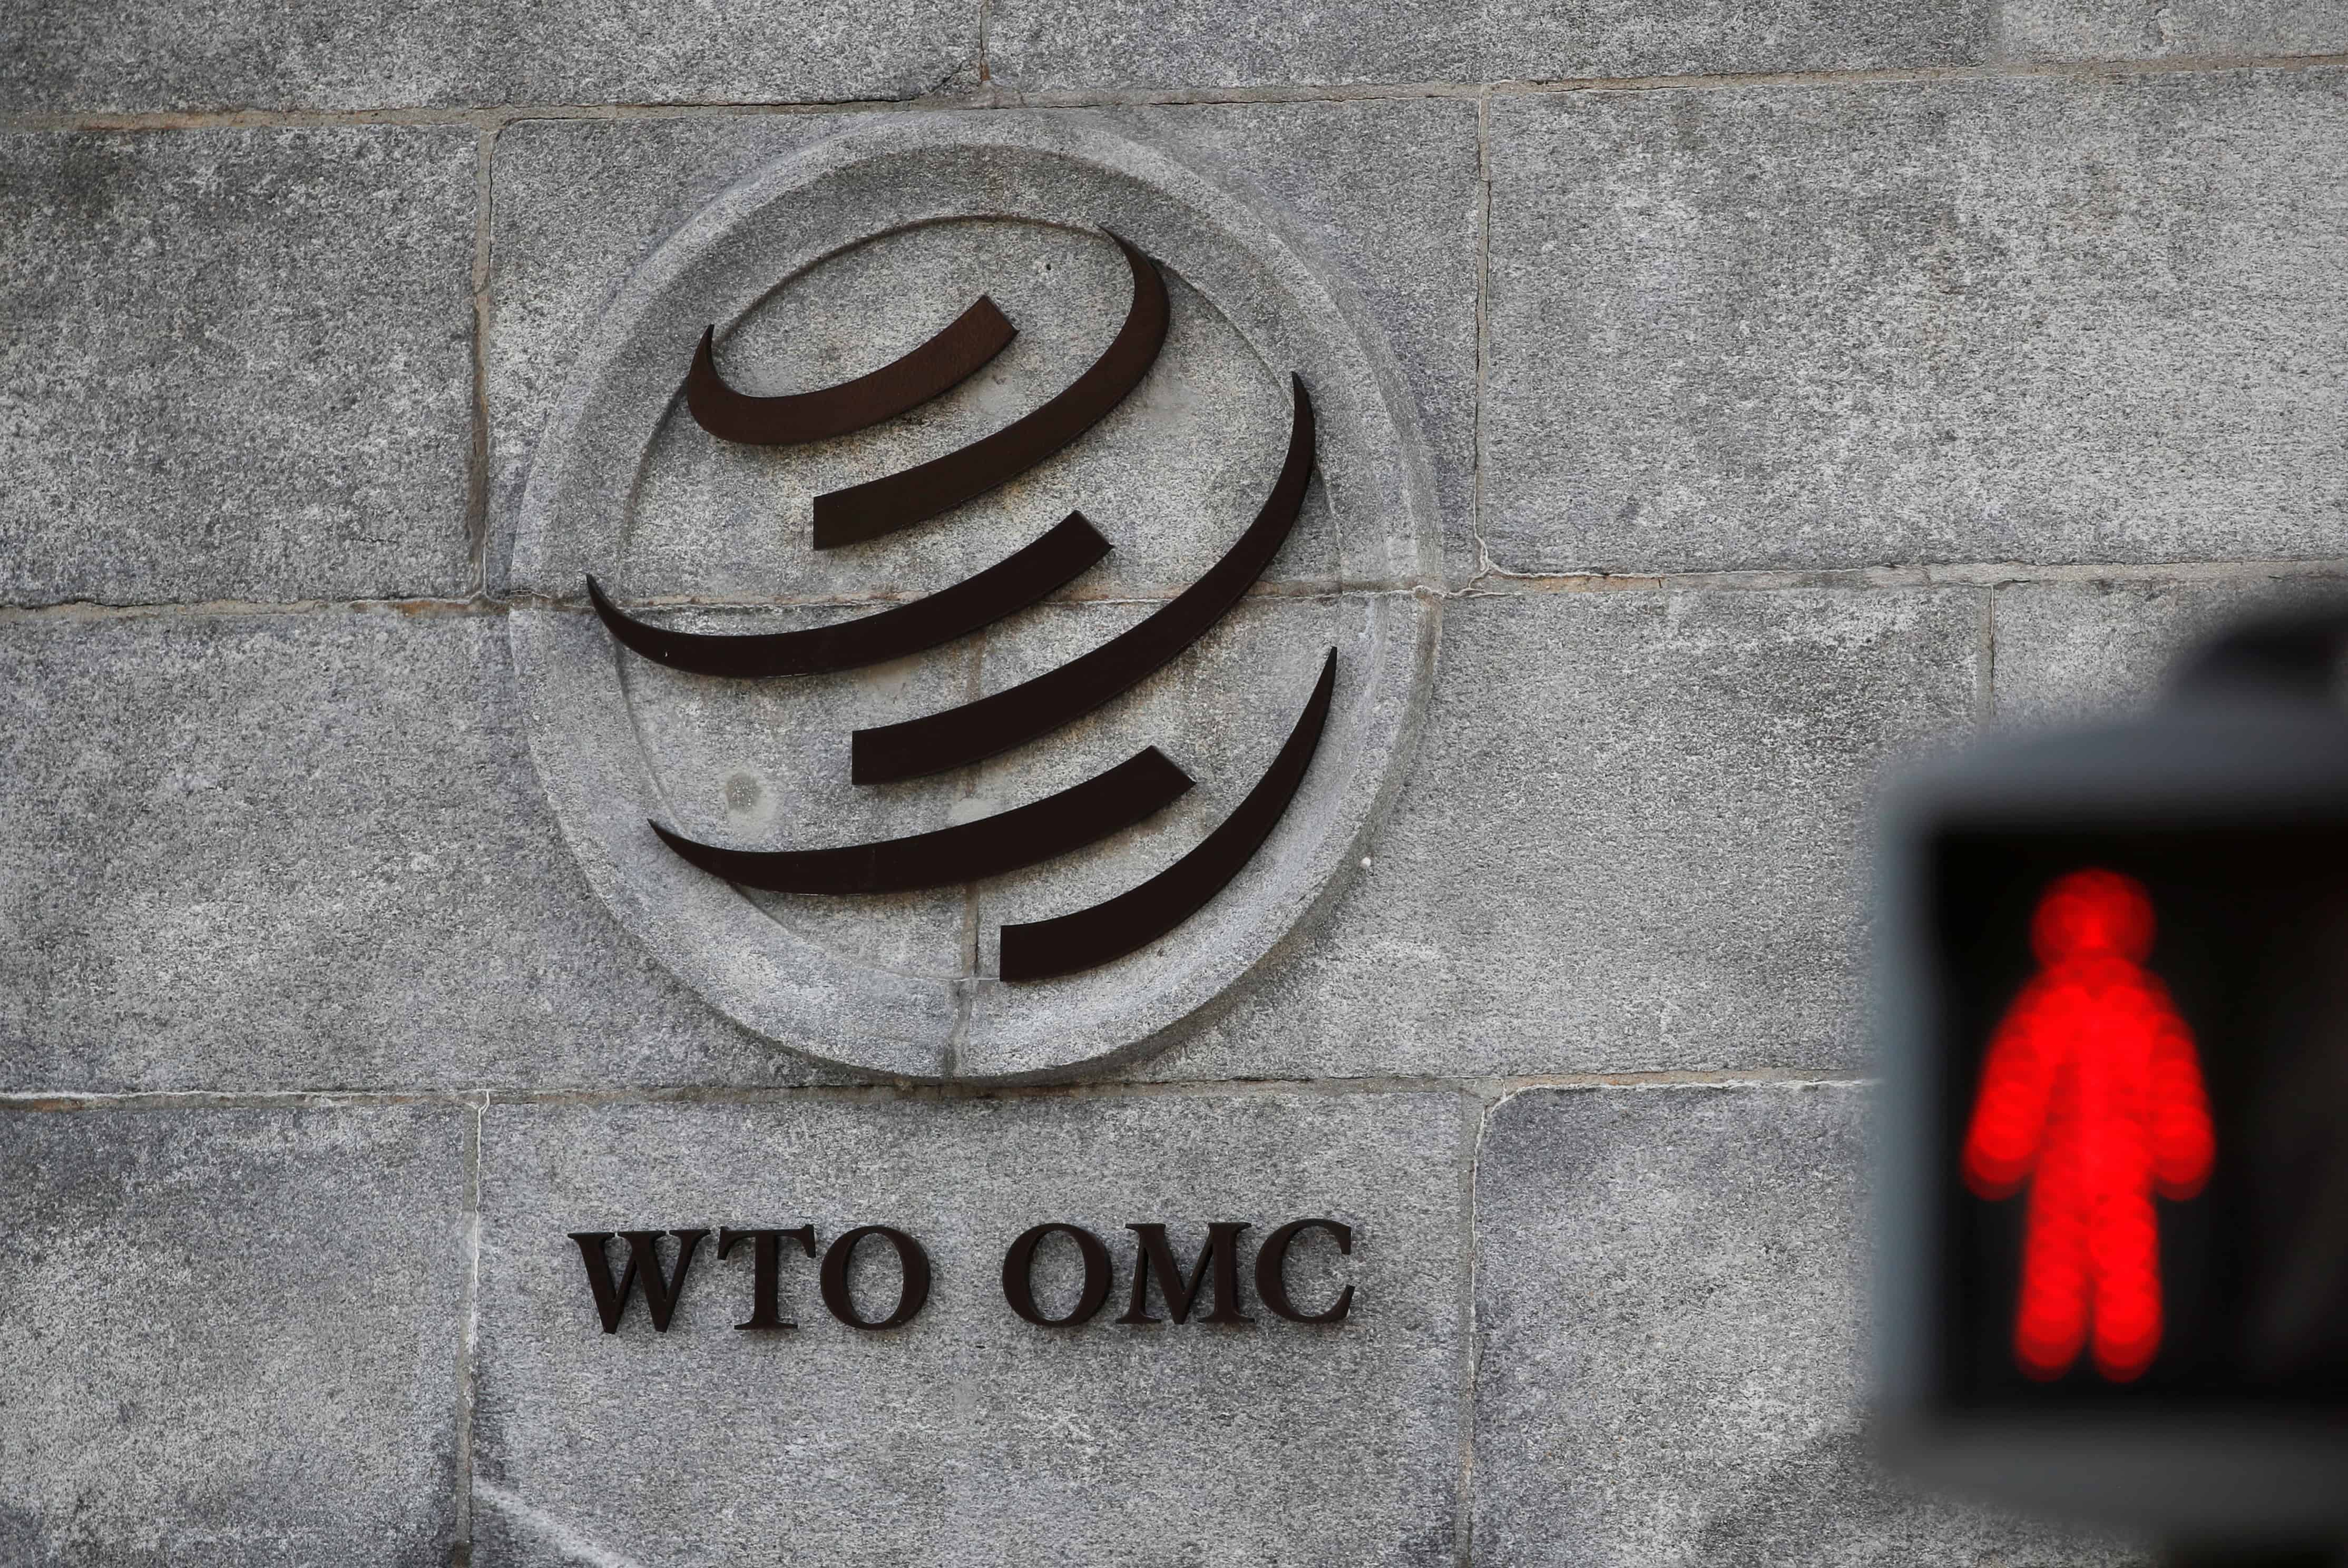 La OMC invita a reducir las tensiones en favor de la estabilidad del comercio mundial.